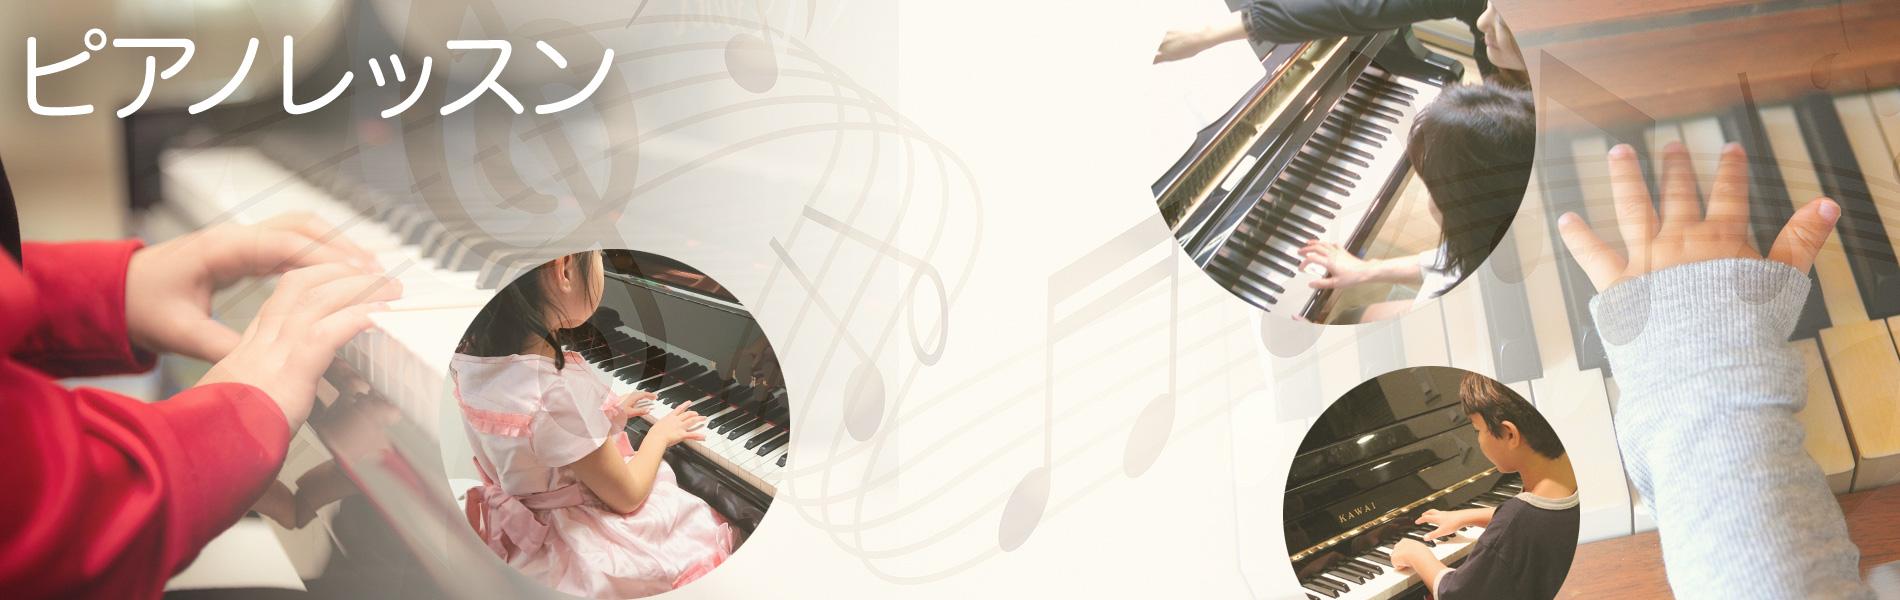 ミューズアート音楽学院・ピアノレッスン